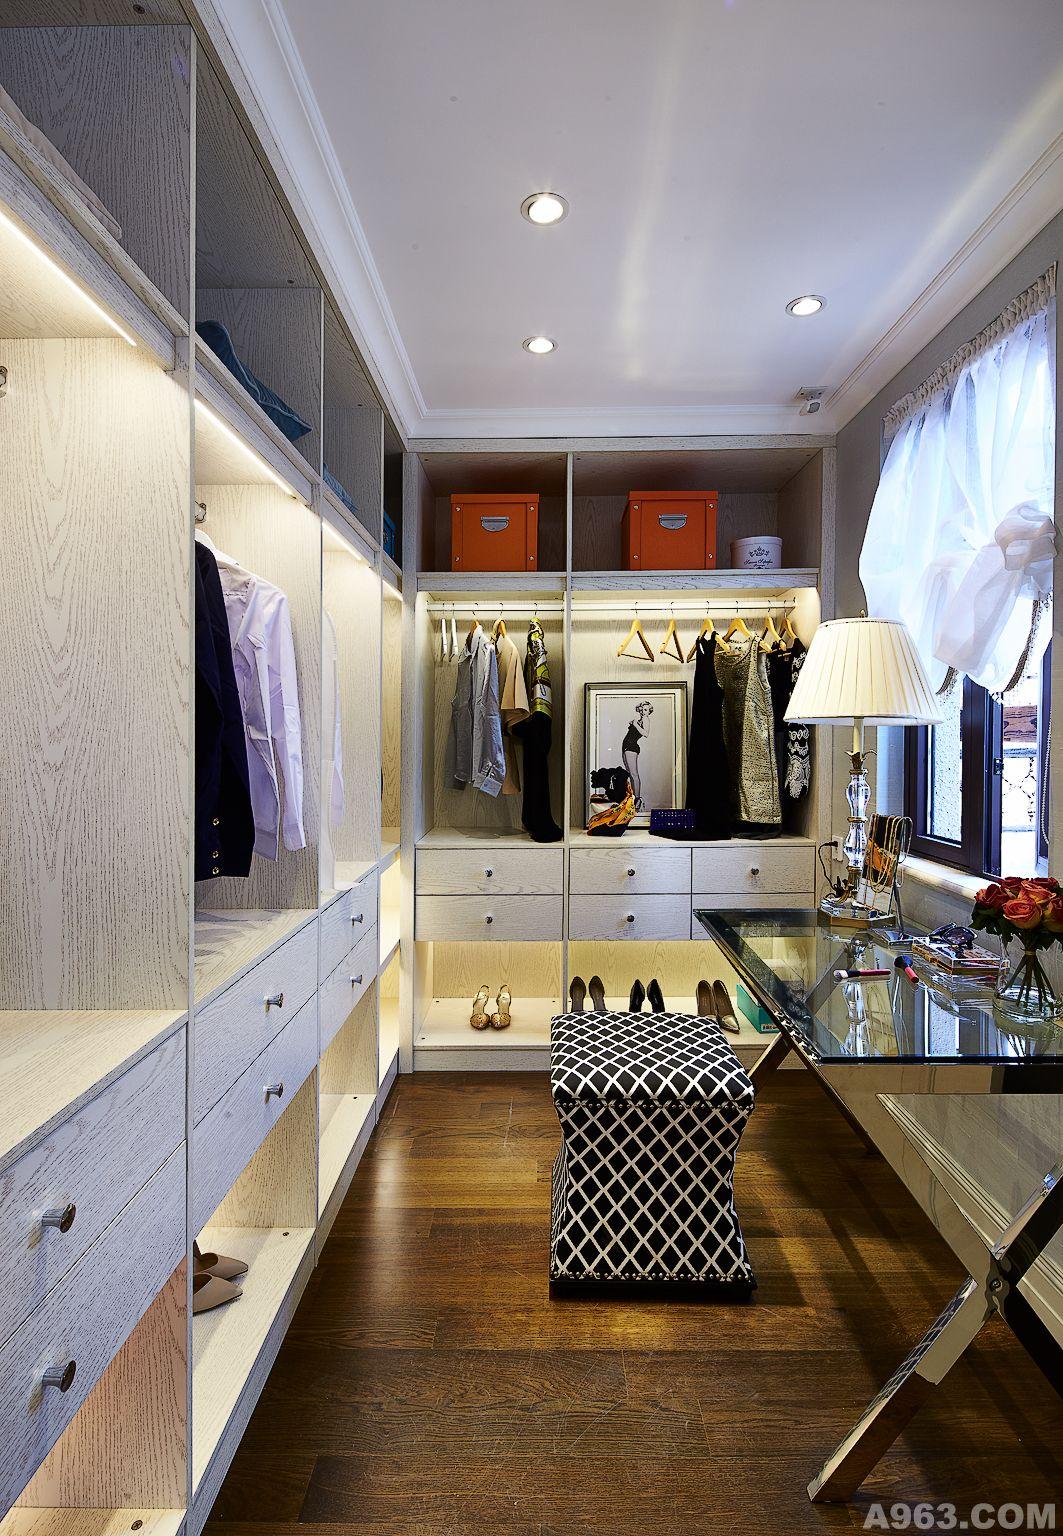 主要用材:大理石,木饰面,木地板,墙纸,布艺硬包,手绘壁画等.